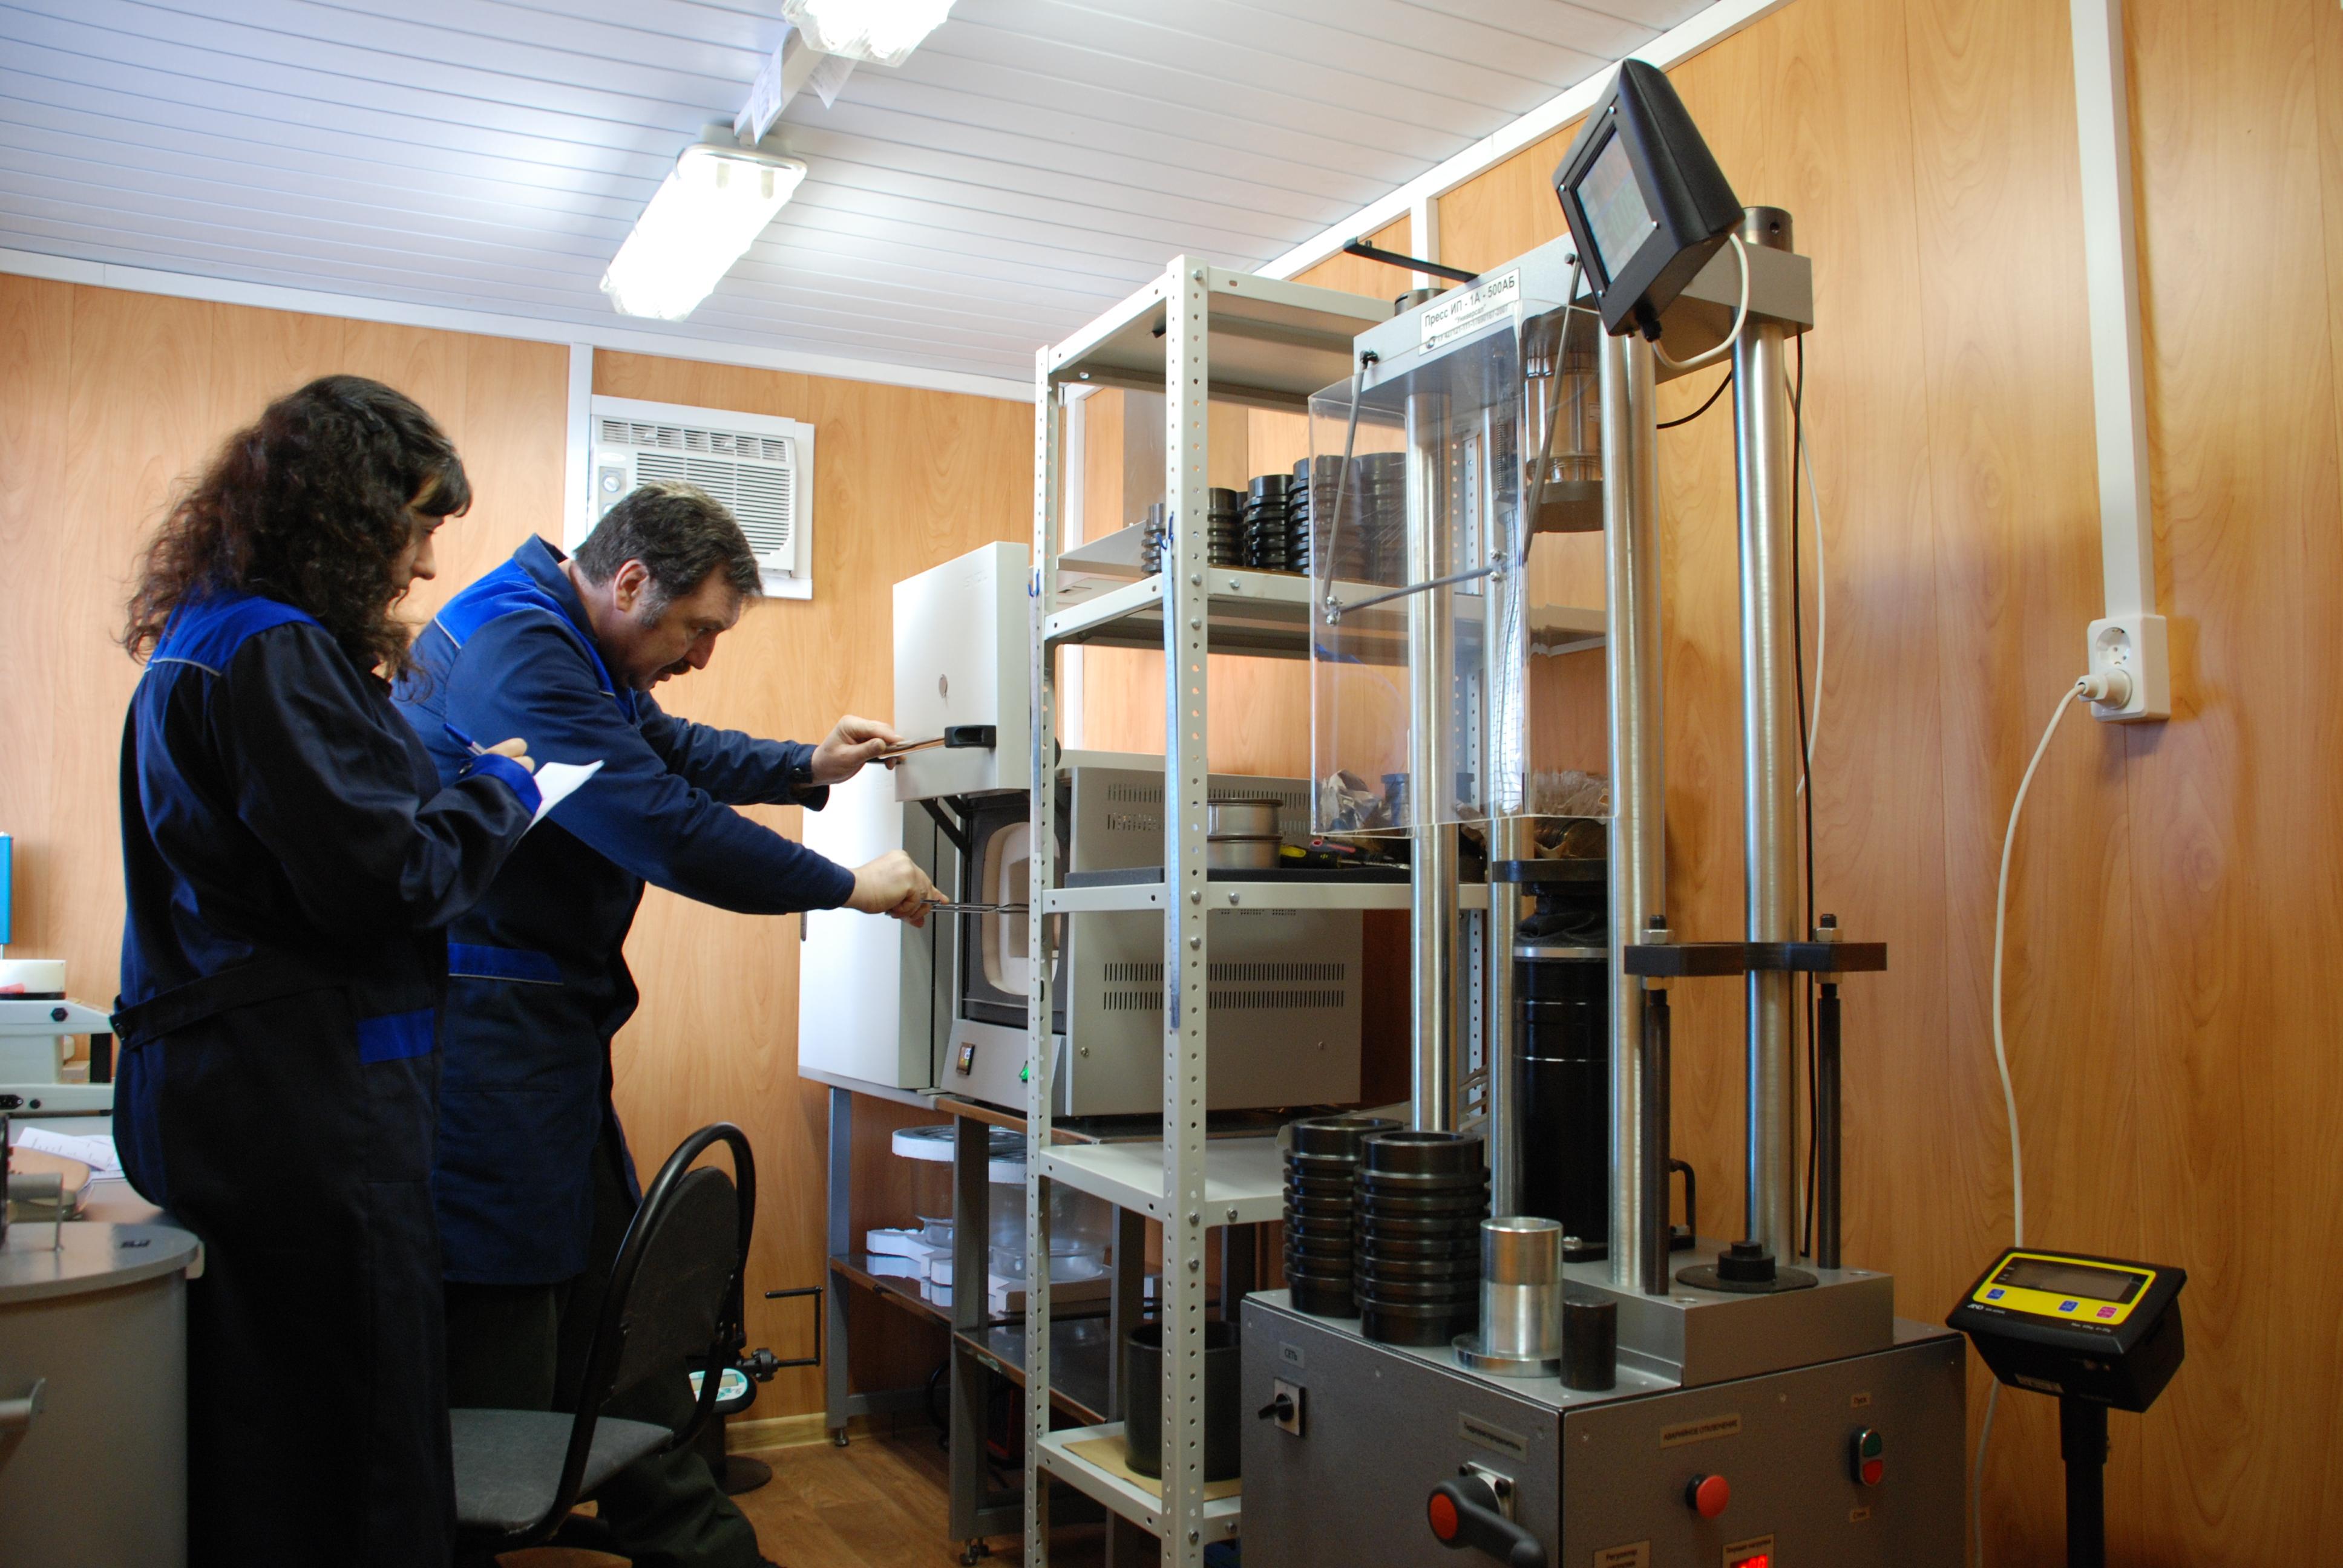 Лаборатория по испытанию асфальта, битума, бетона, щебня, песка